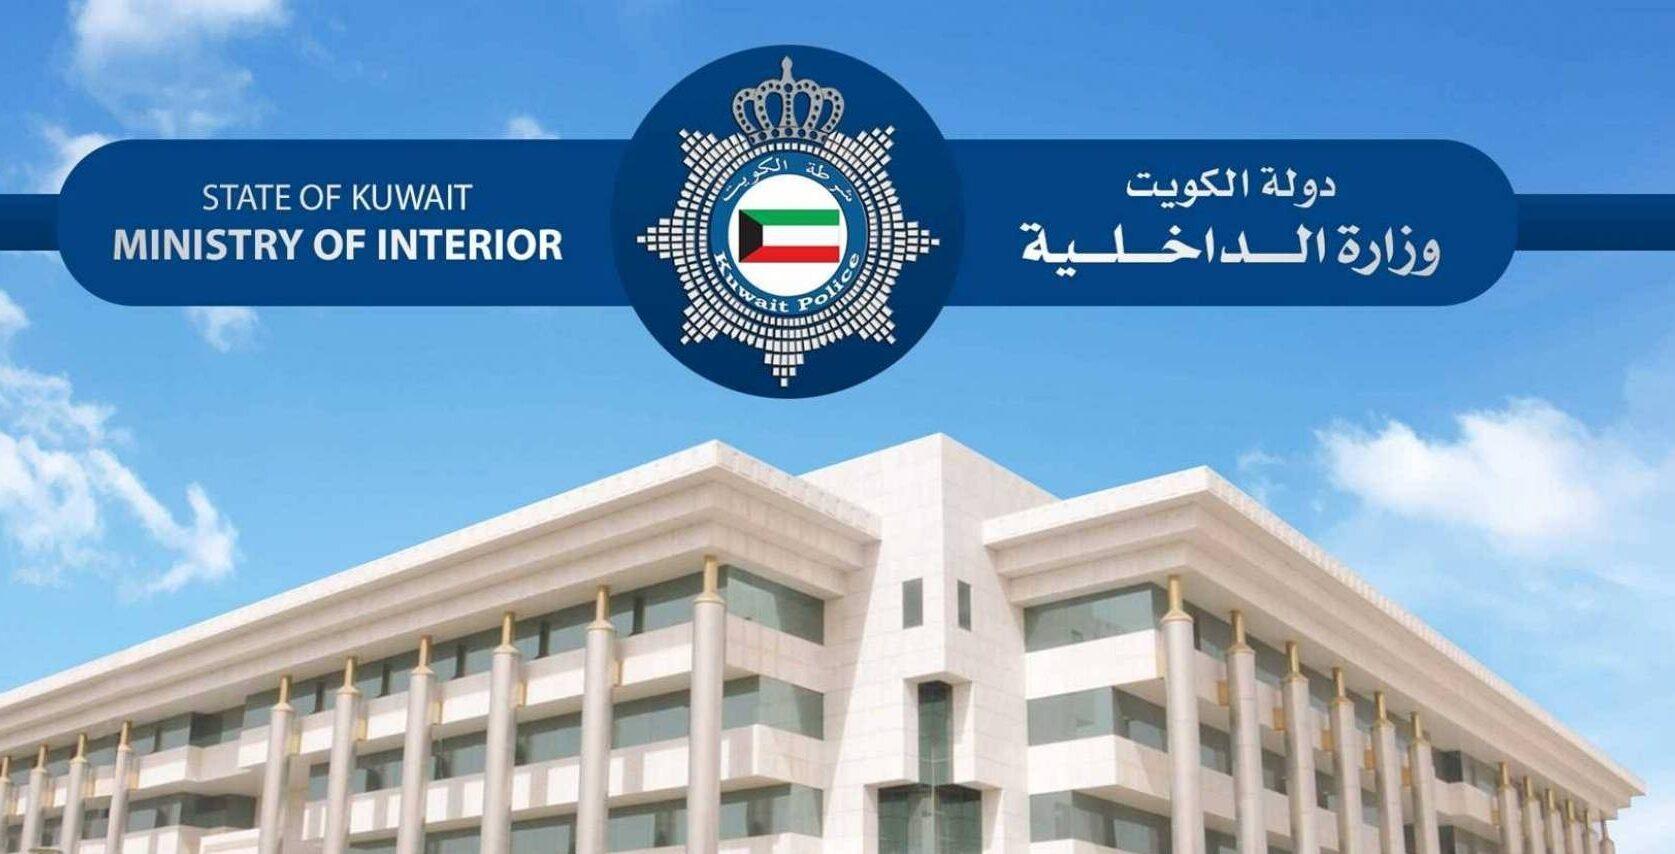 رابط الحصول على تصريح تشييع جنازة الكويت